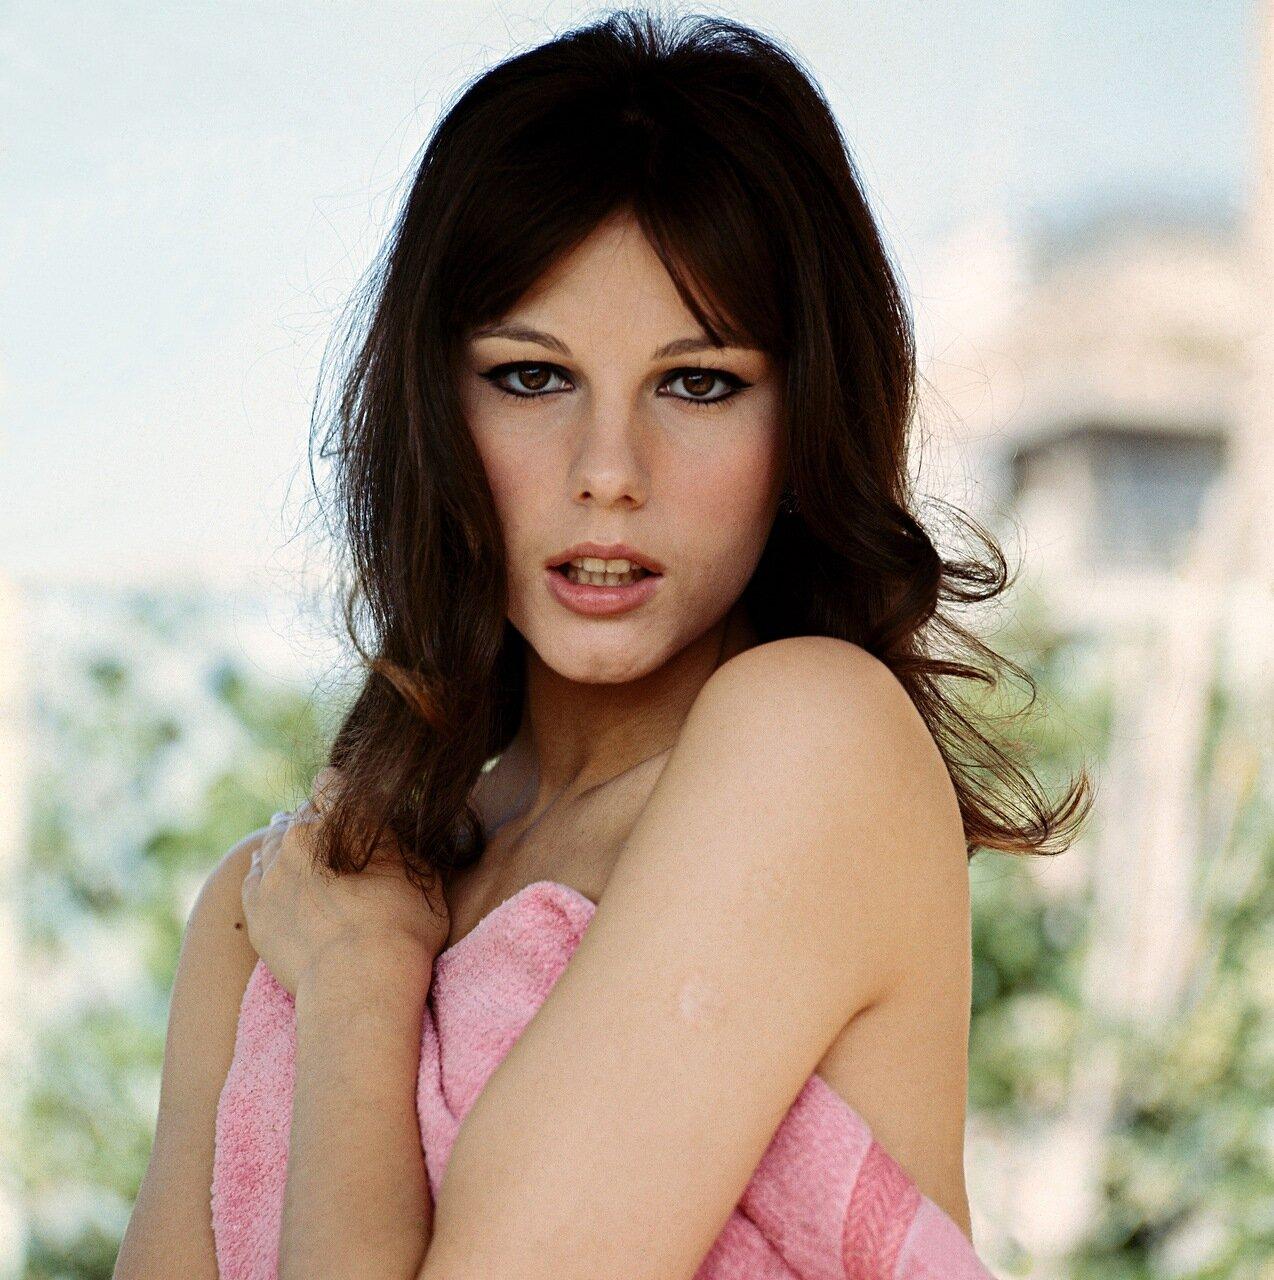 сочетание итальянская актриса фото стефания сандрелли терпения реагируйте